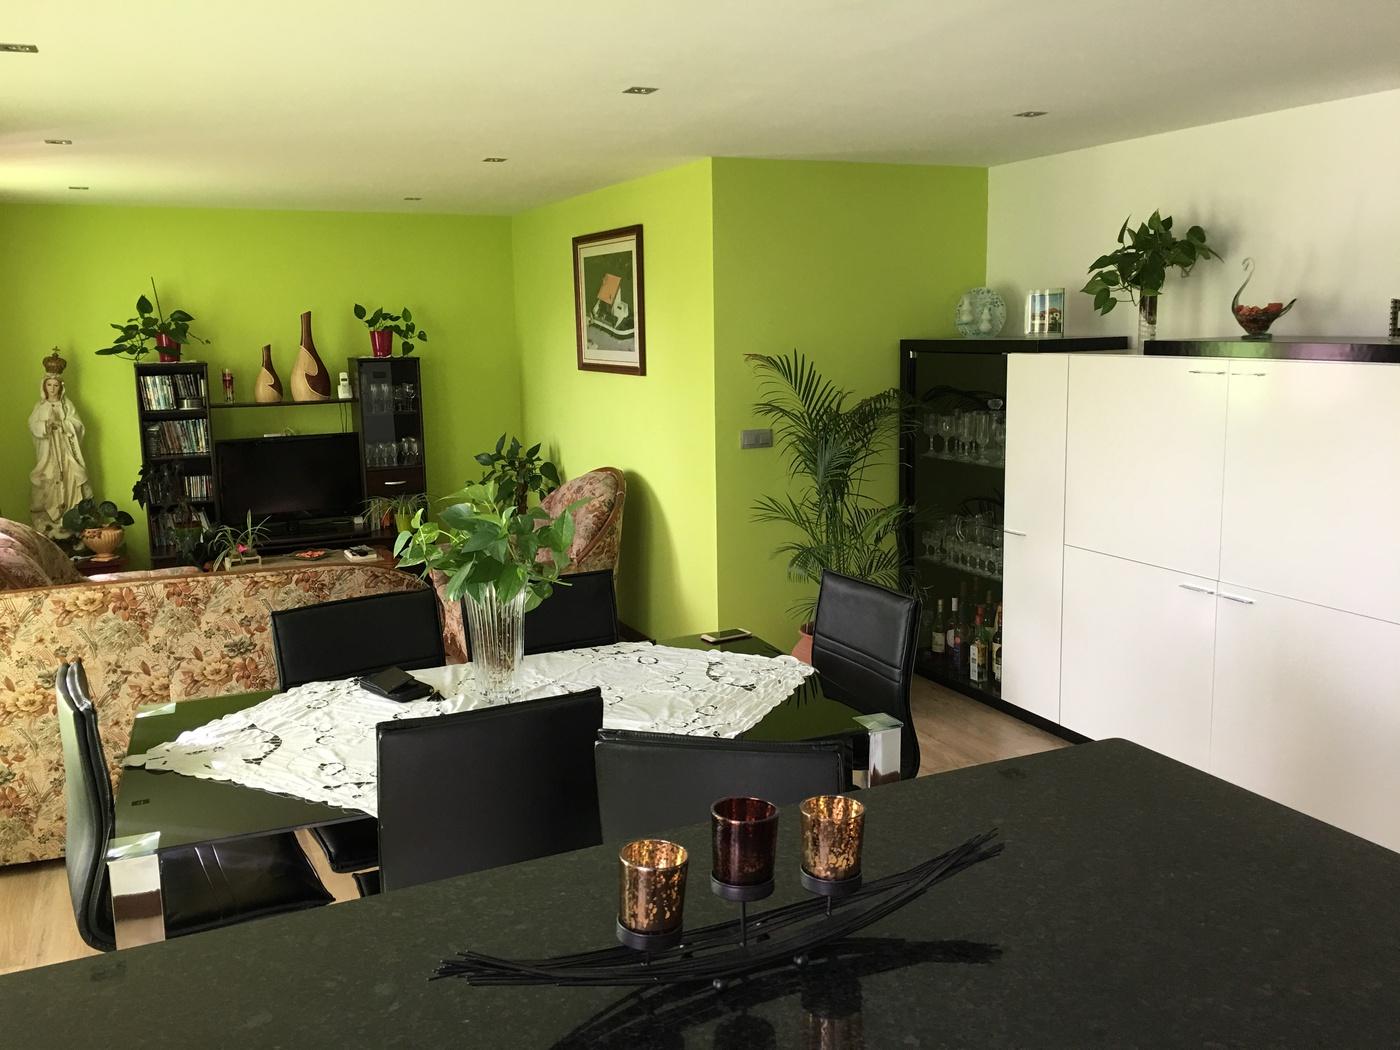 Achat Appartement 75 M2 Zanville 95460 4 Pi Ces